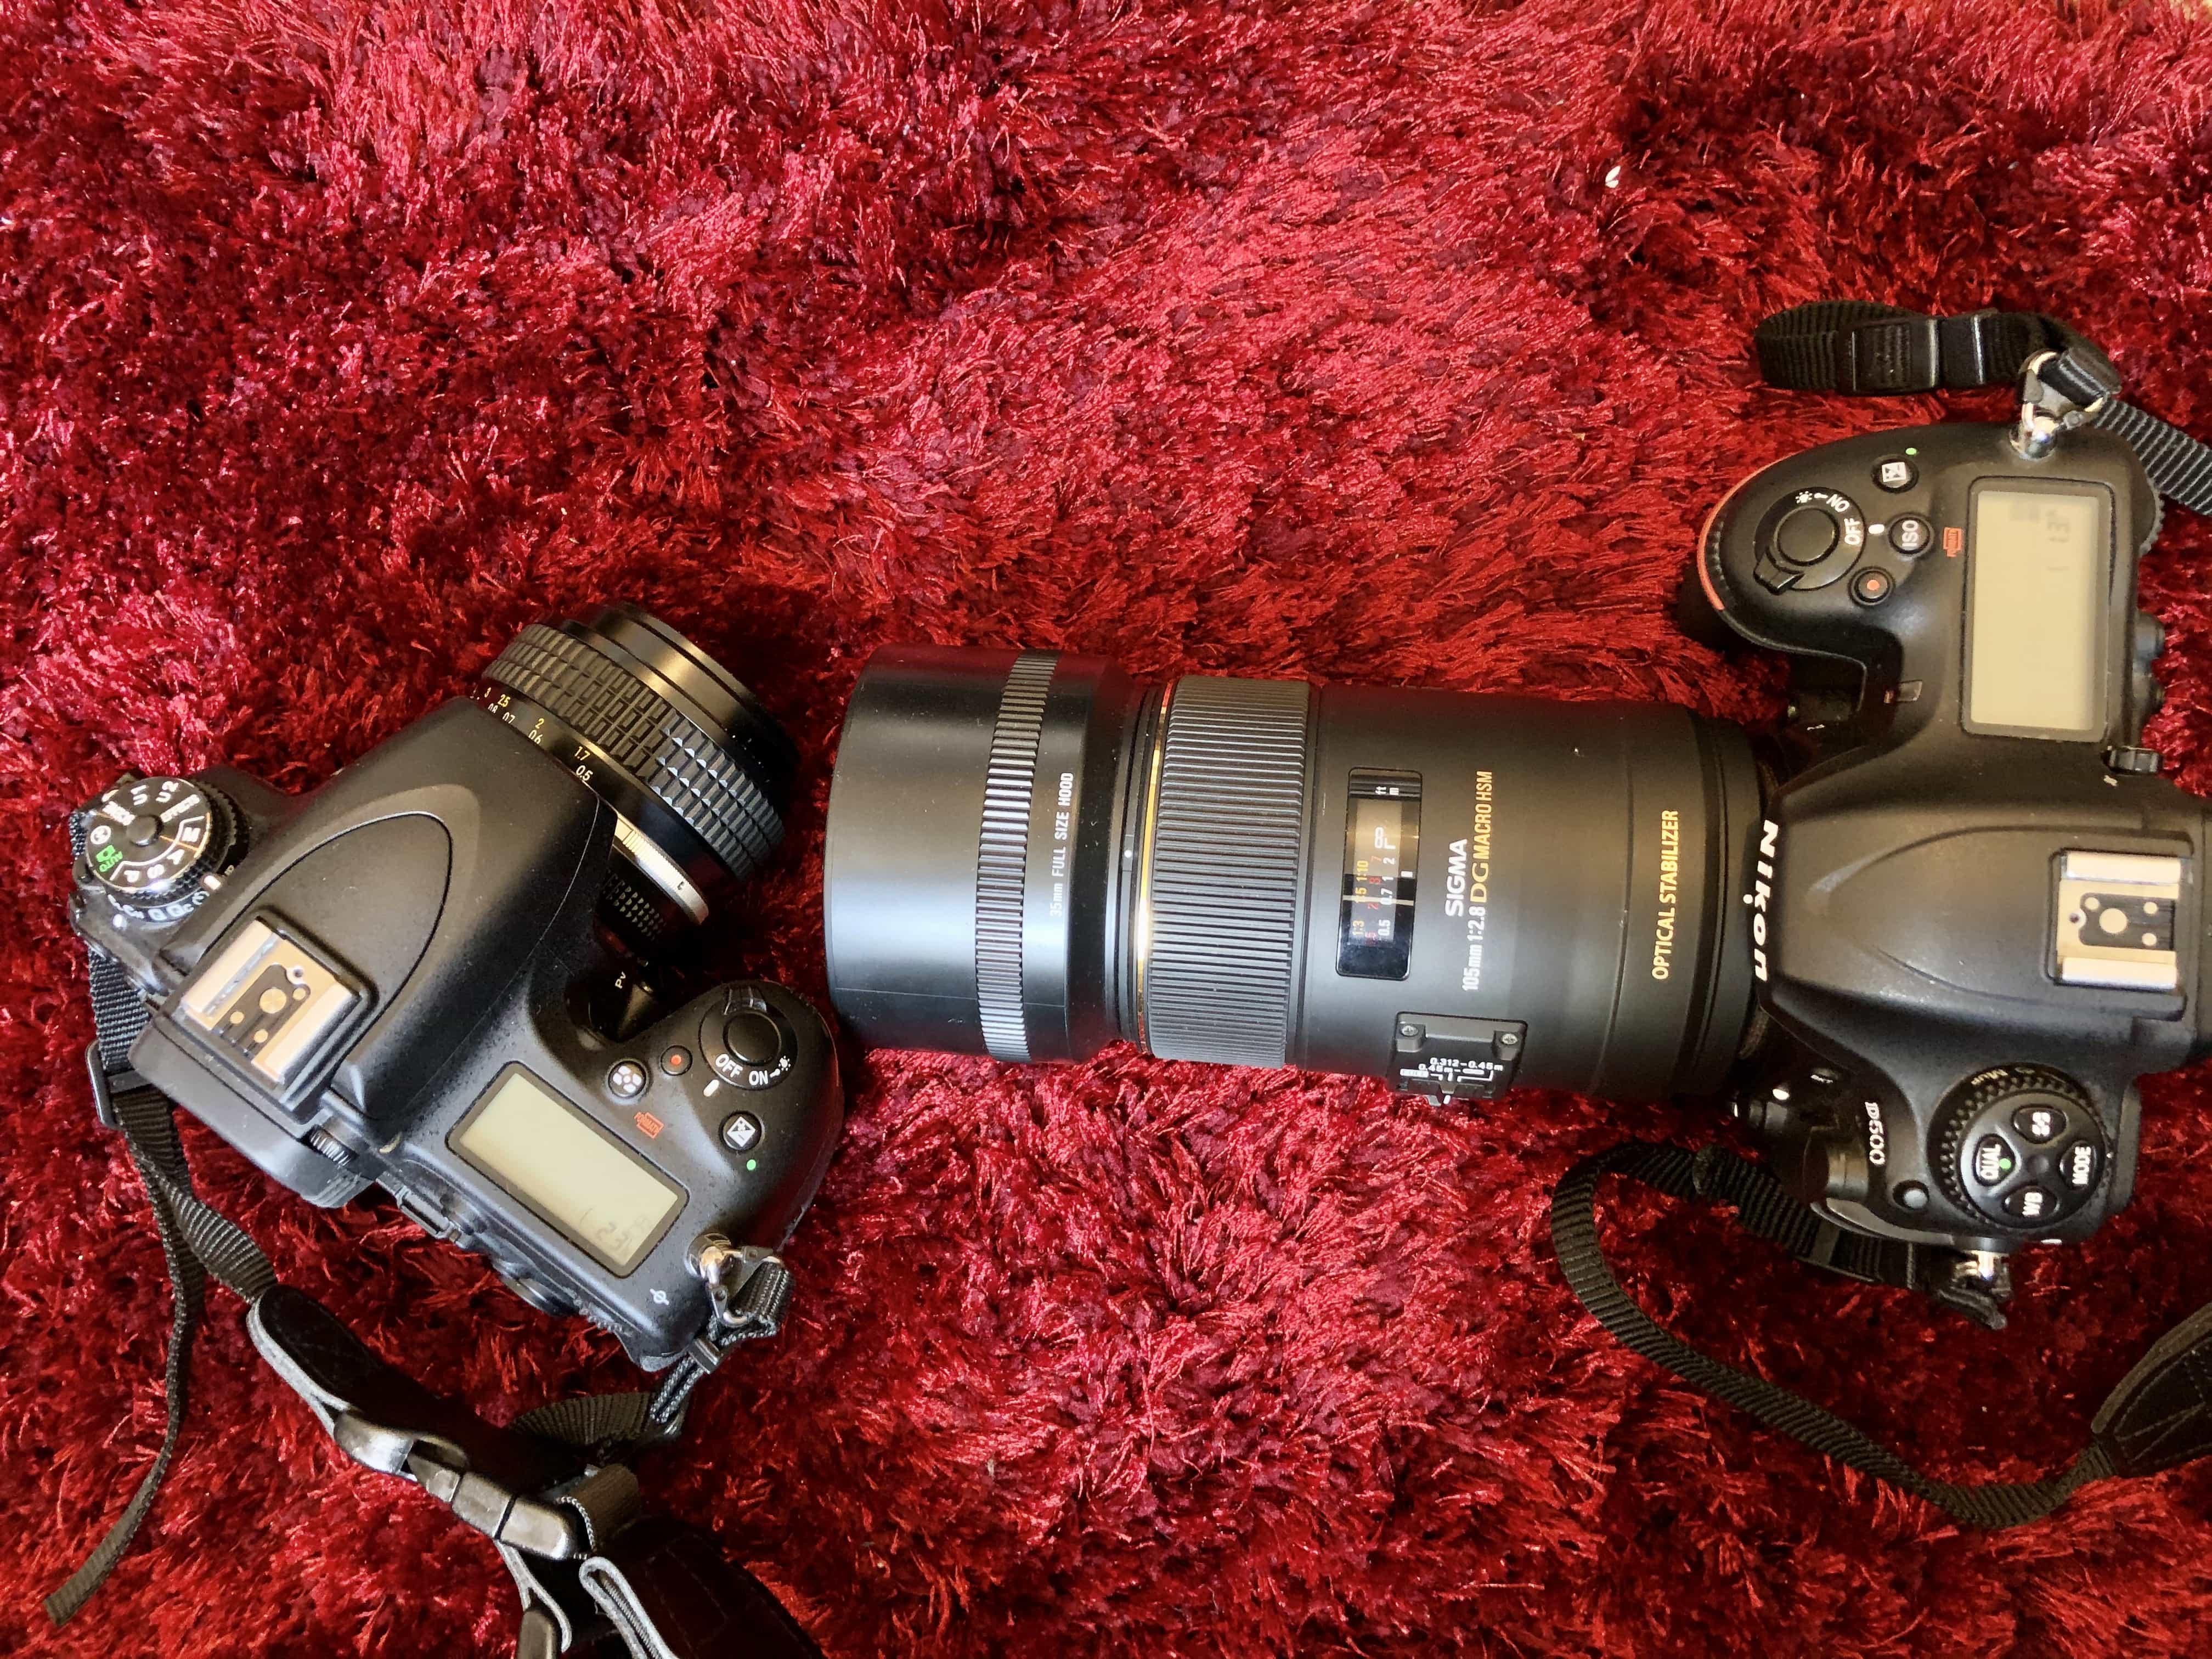 50mm lens vs 105mm lens